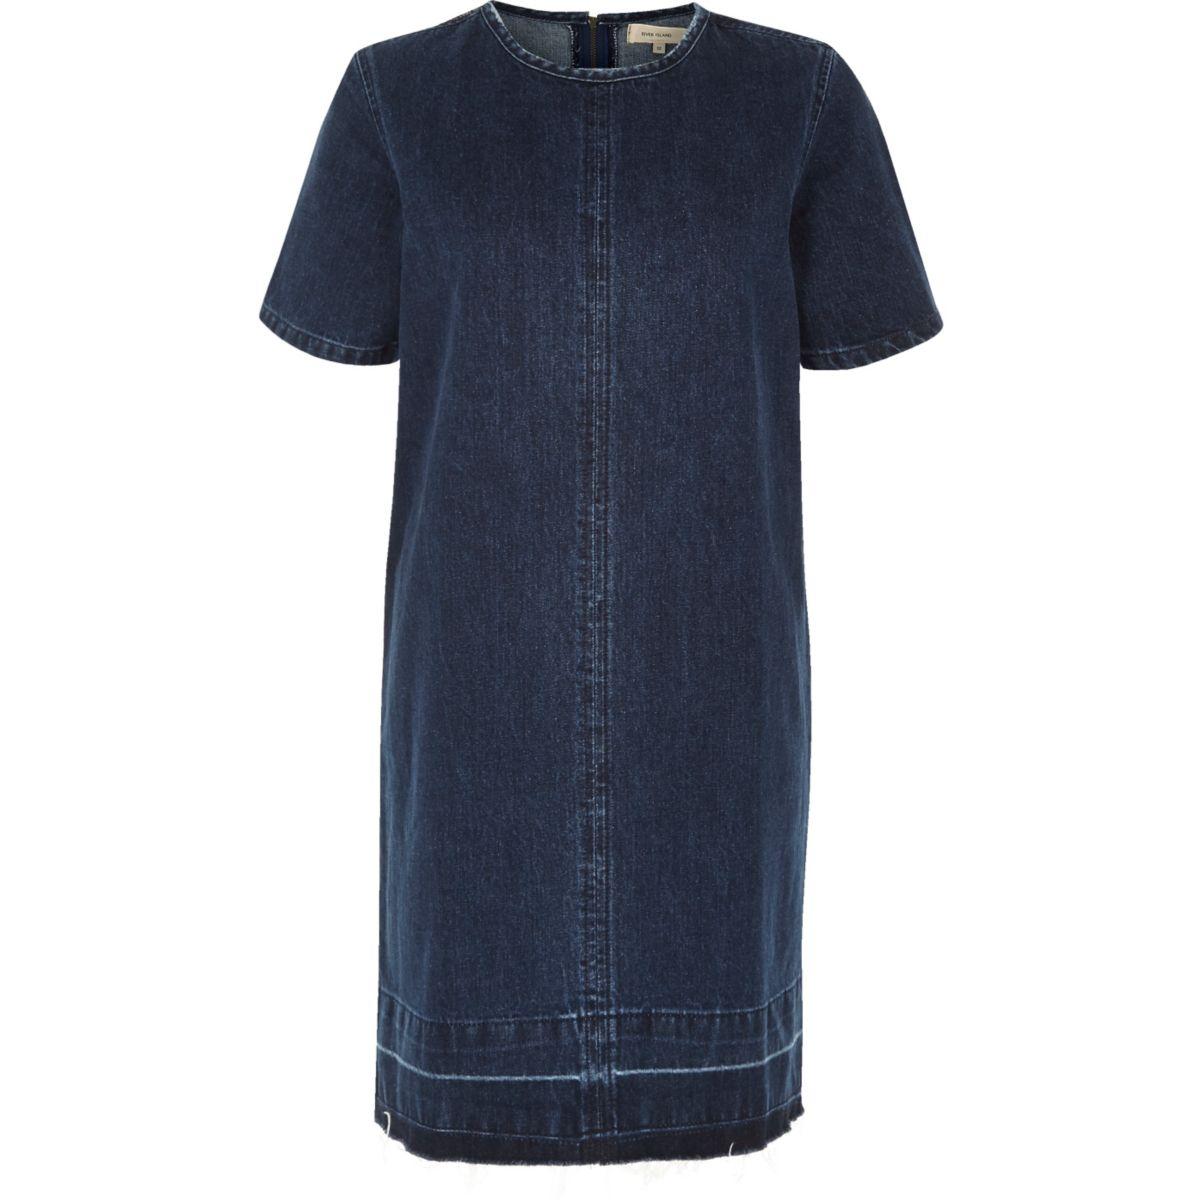 Dark blue wash denim T-shirt dress